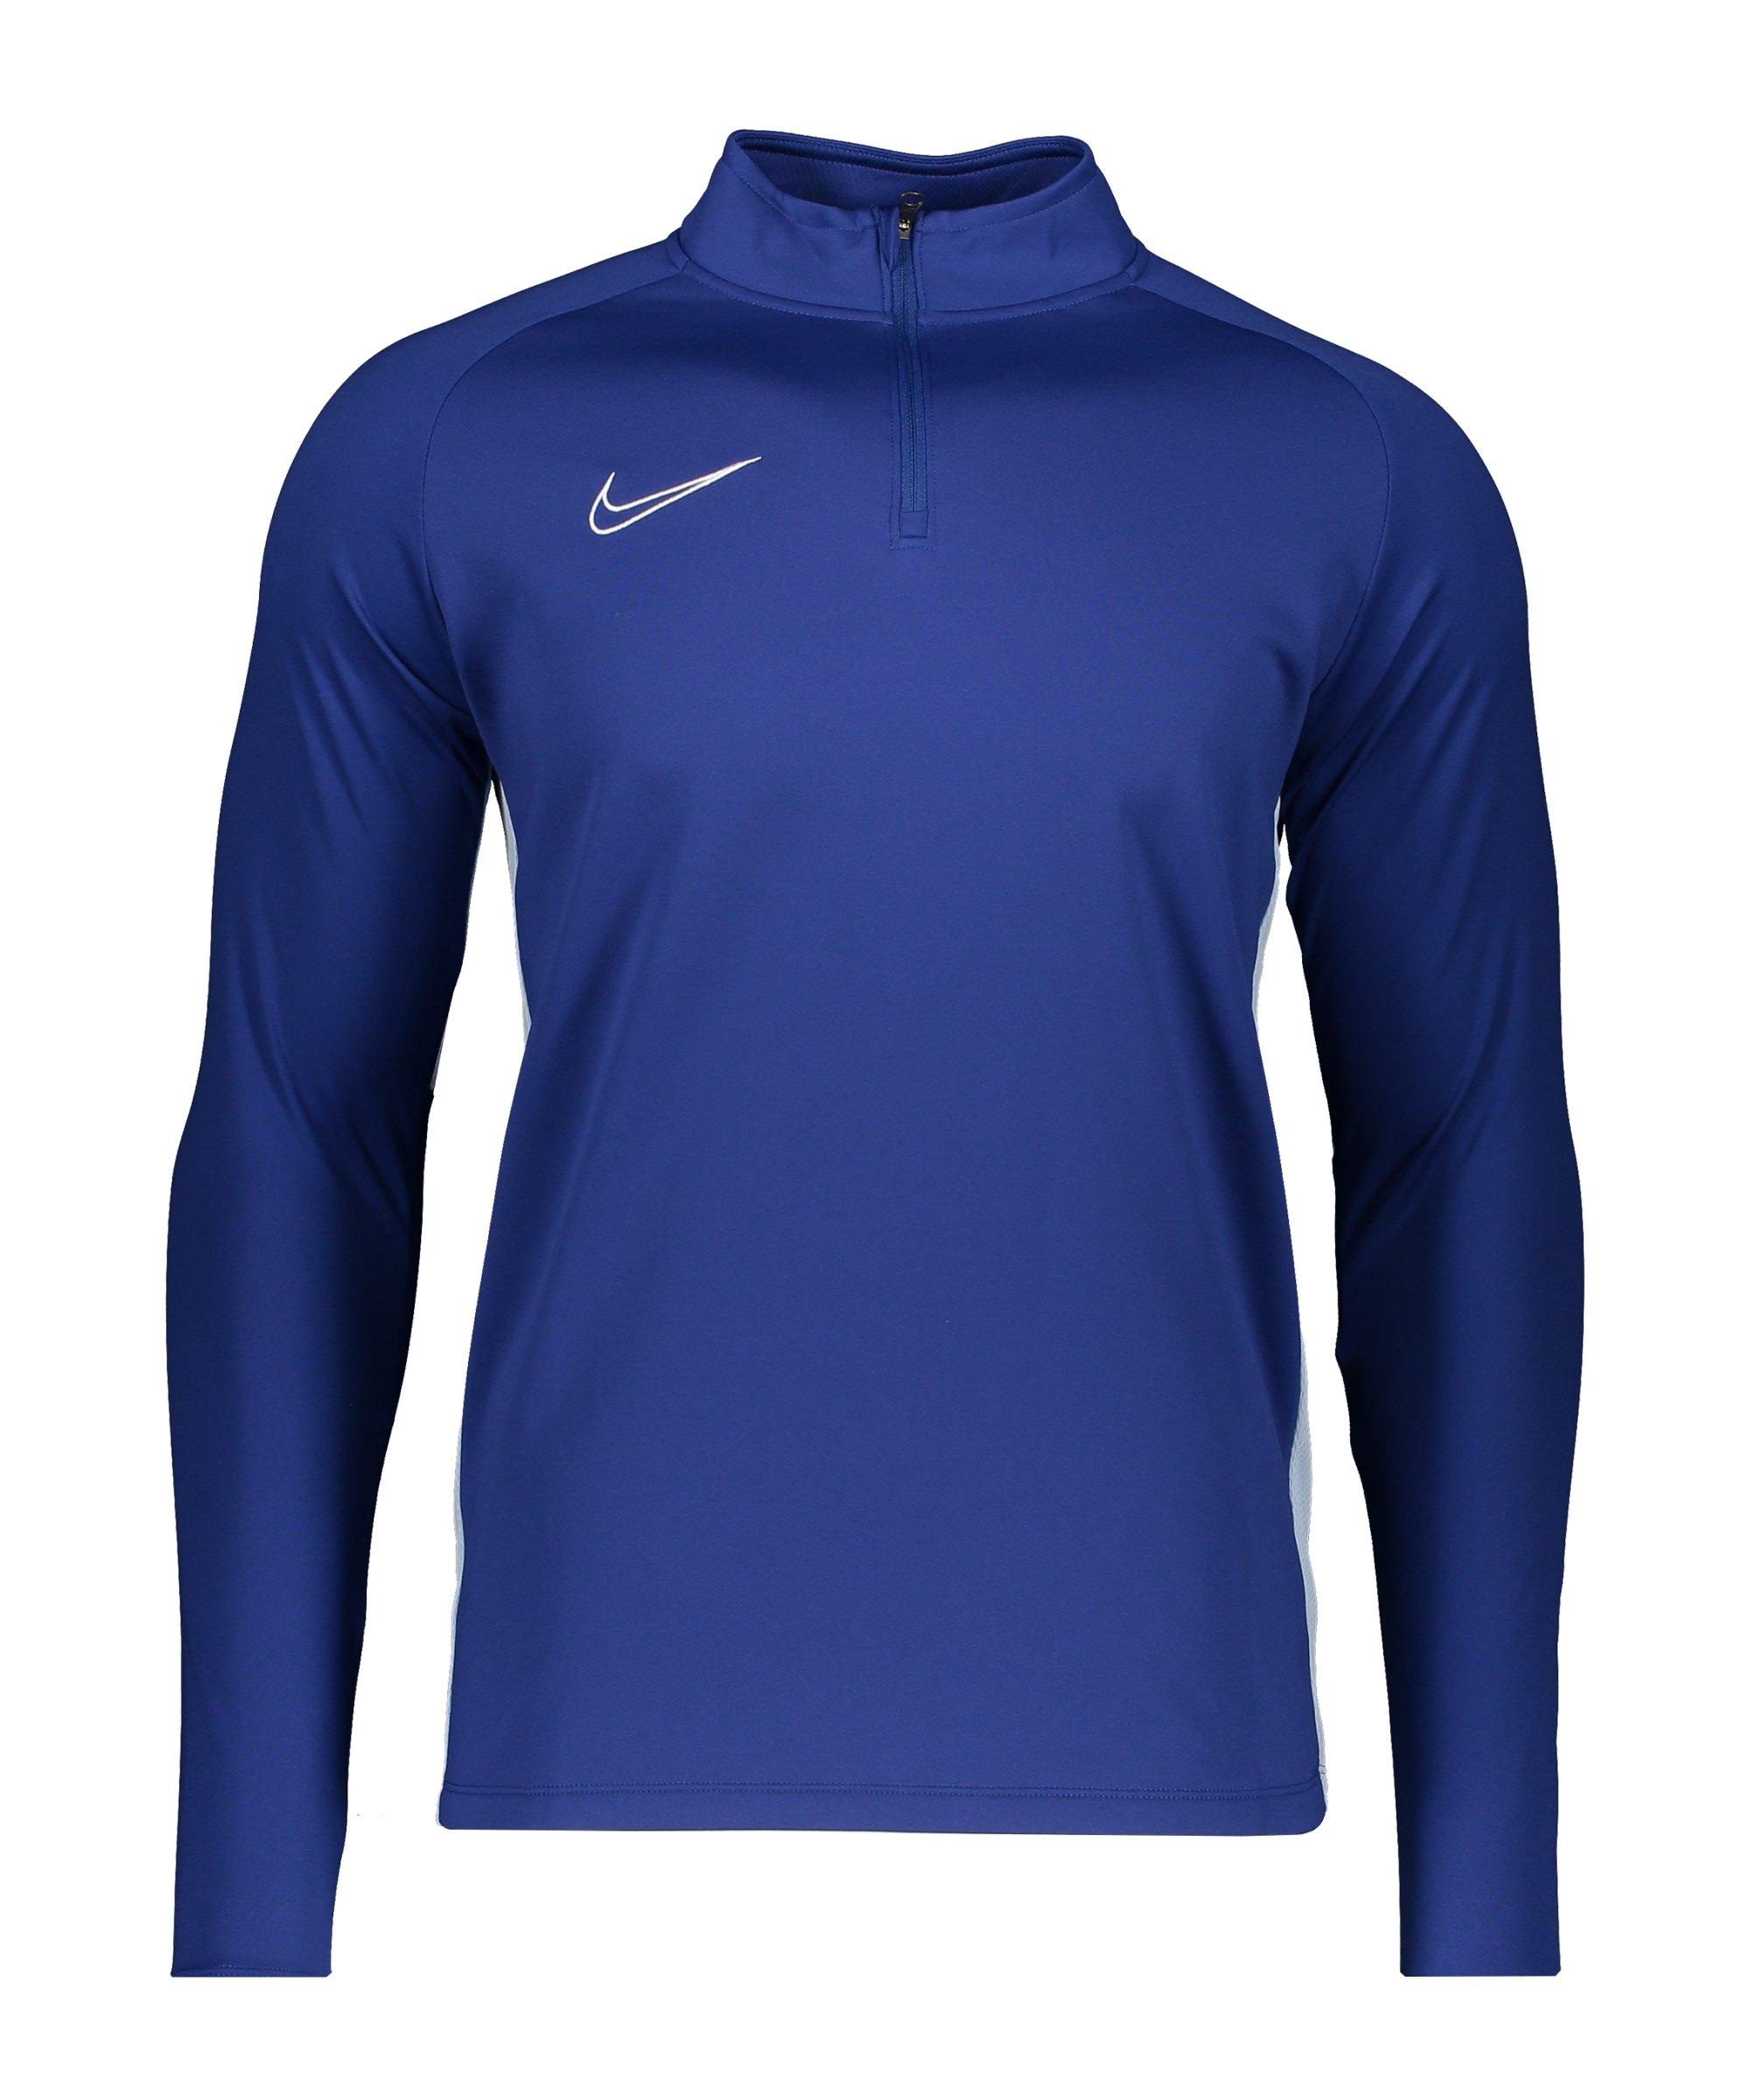 Nike Dry Academy Drill Top Blau F455 - blau